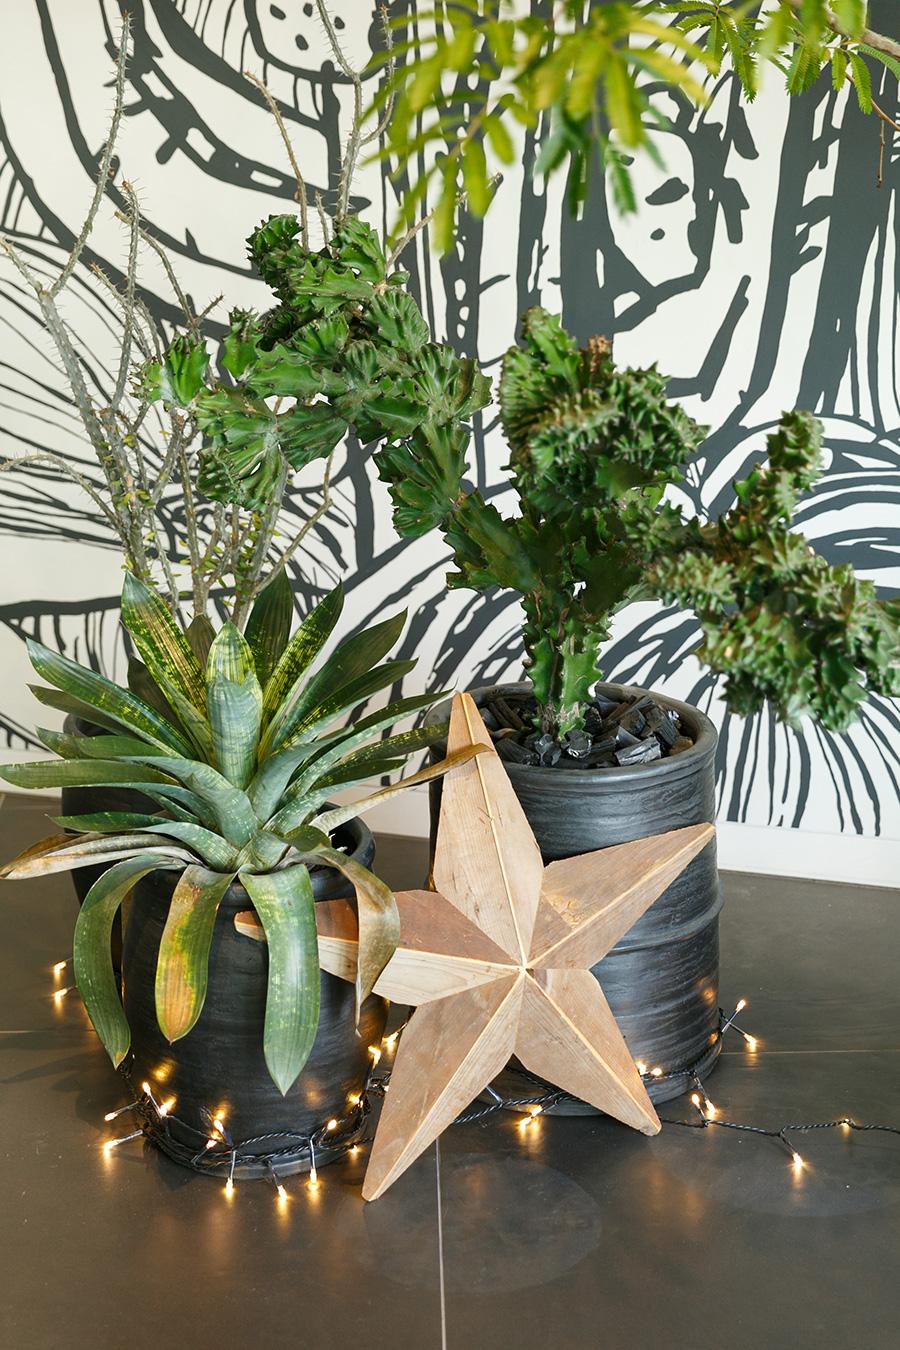 高さの違う鉢を組み合わせ、植物のボリュームや形のバランスを見ながら配置する。